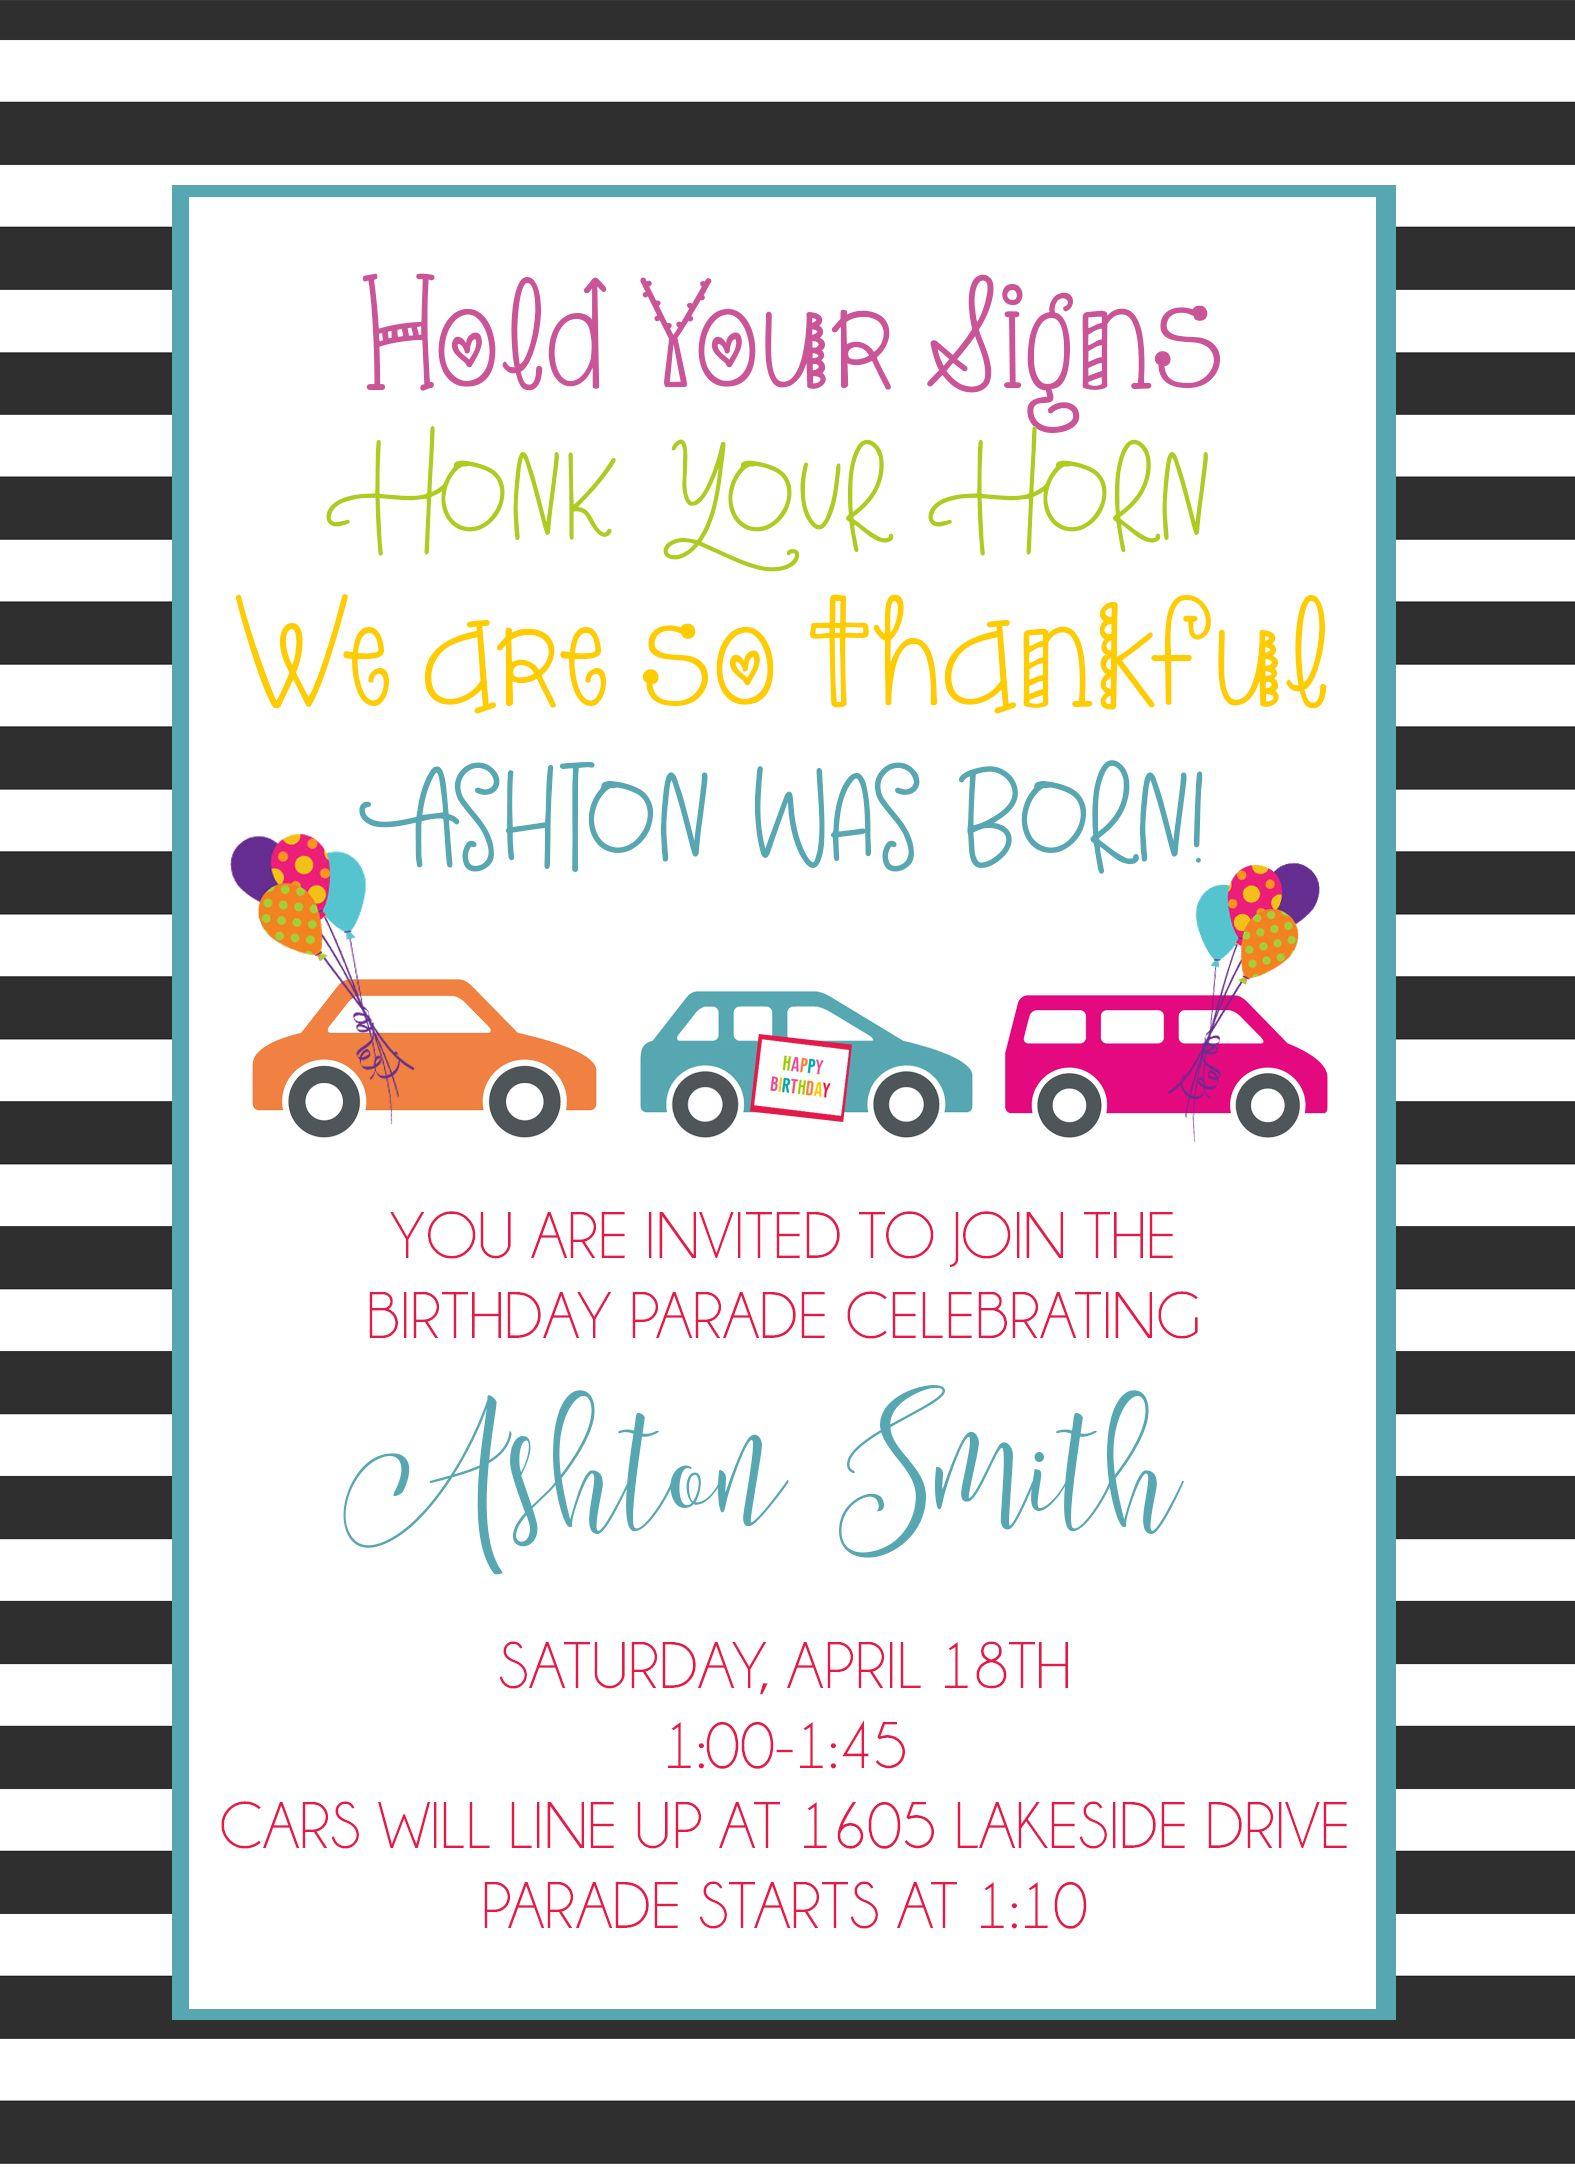 birthday parade invitation car parade